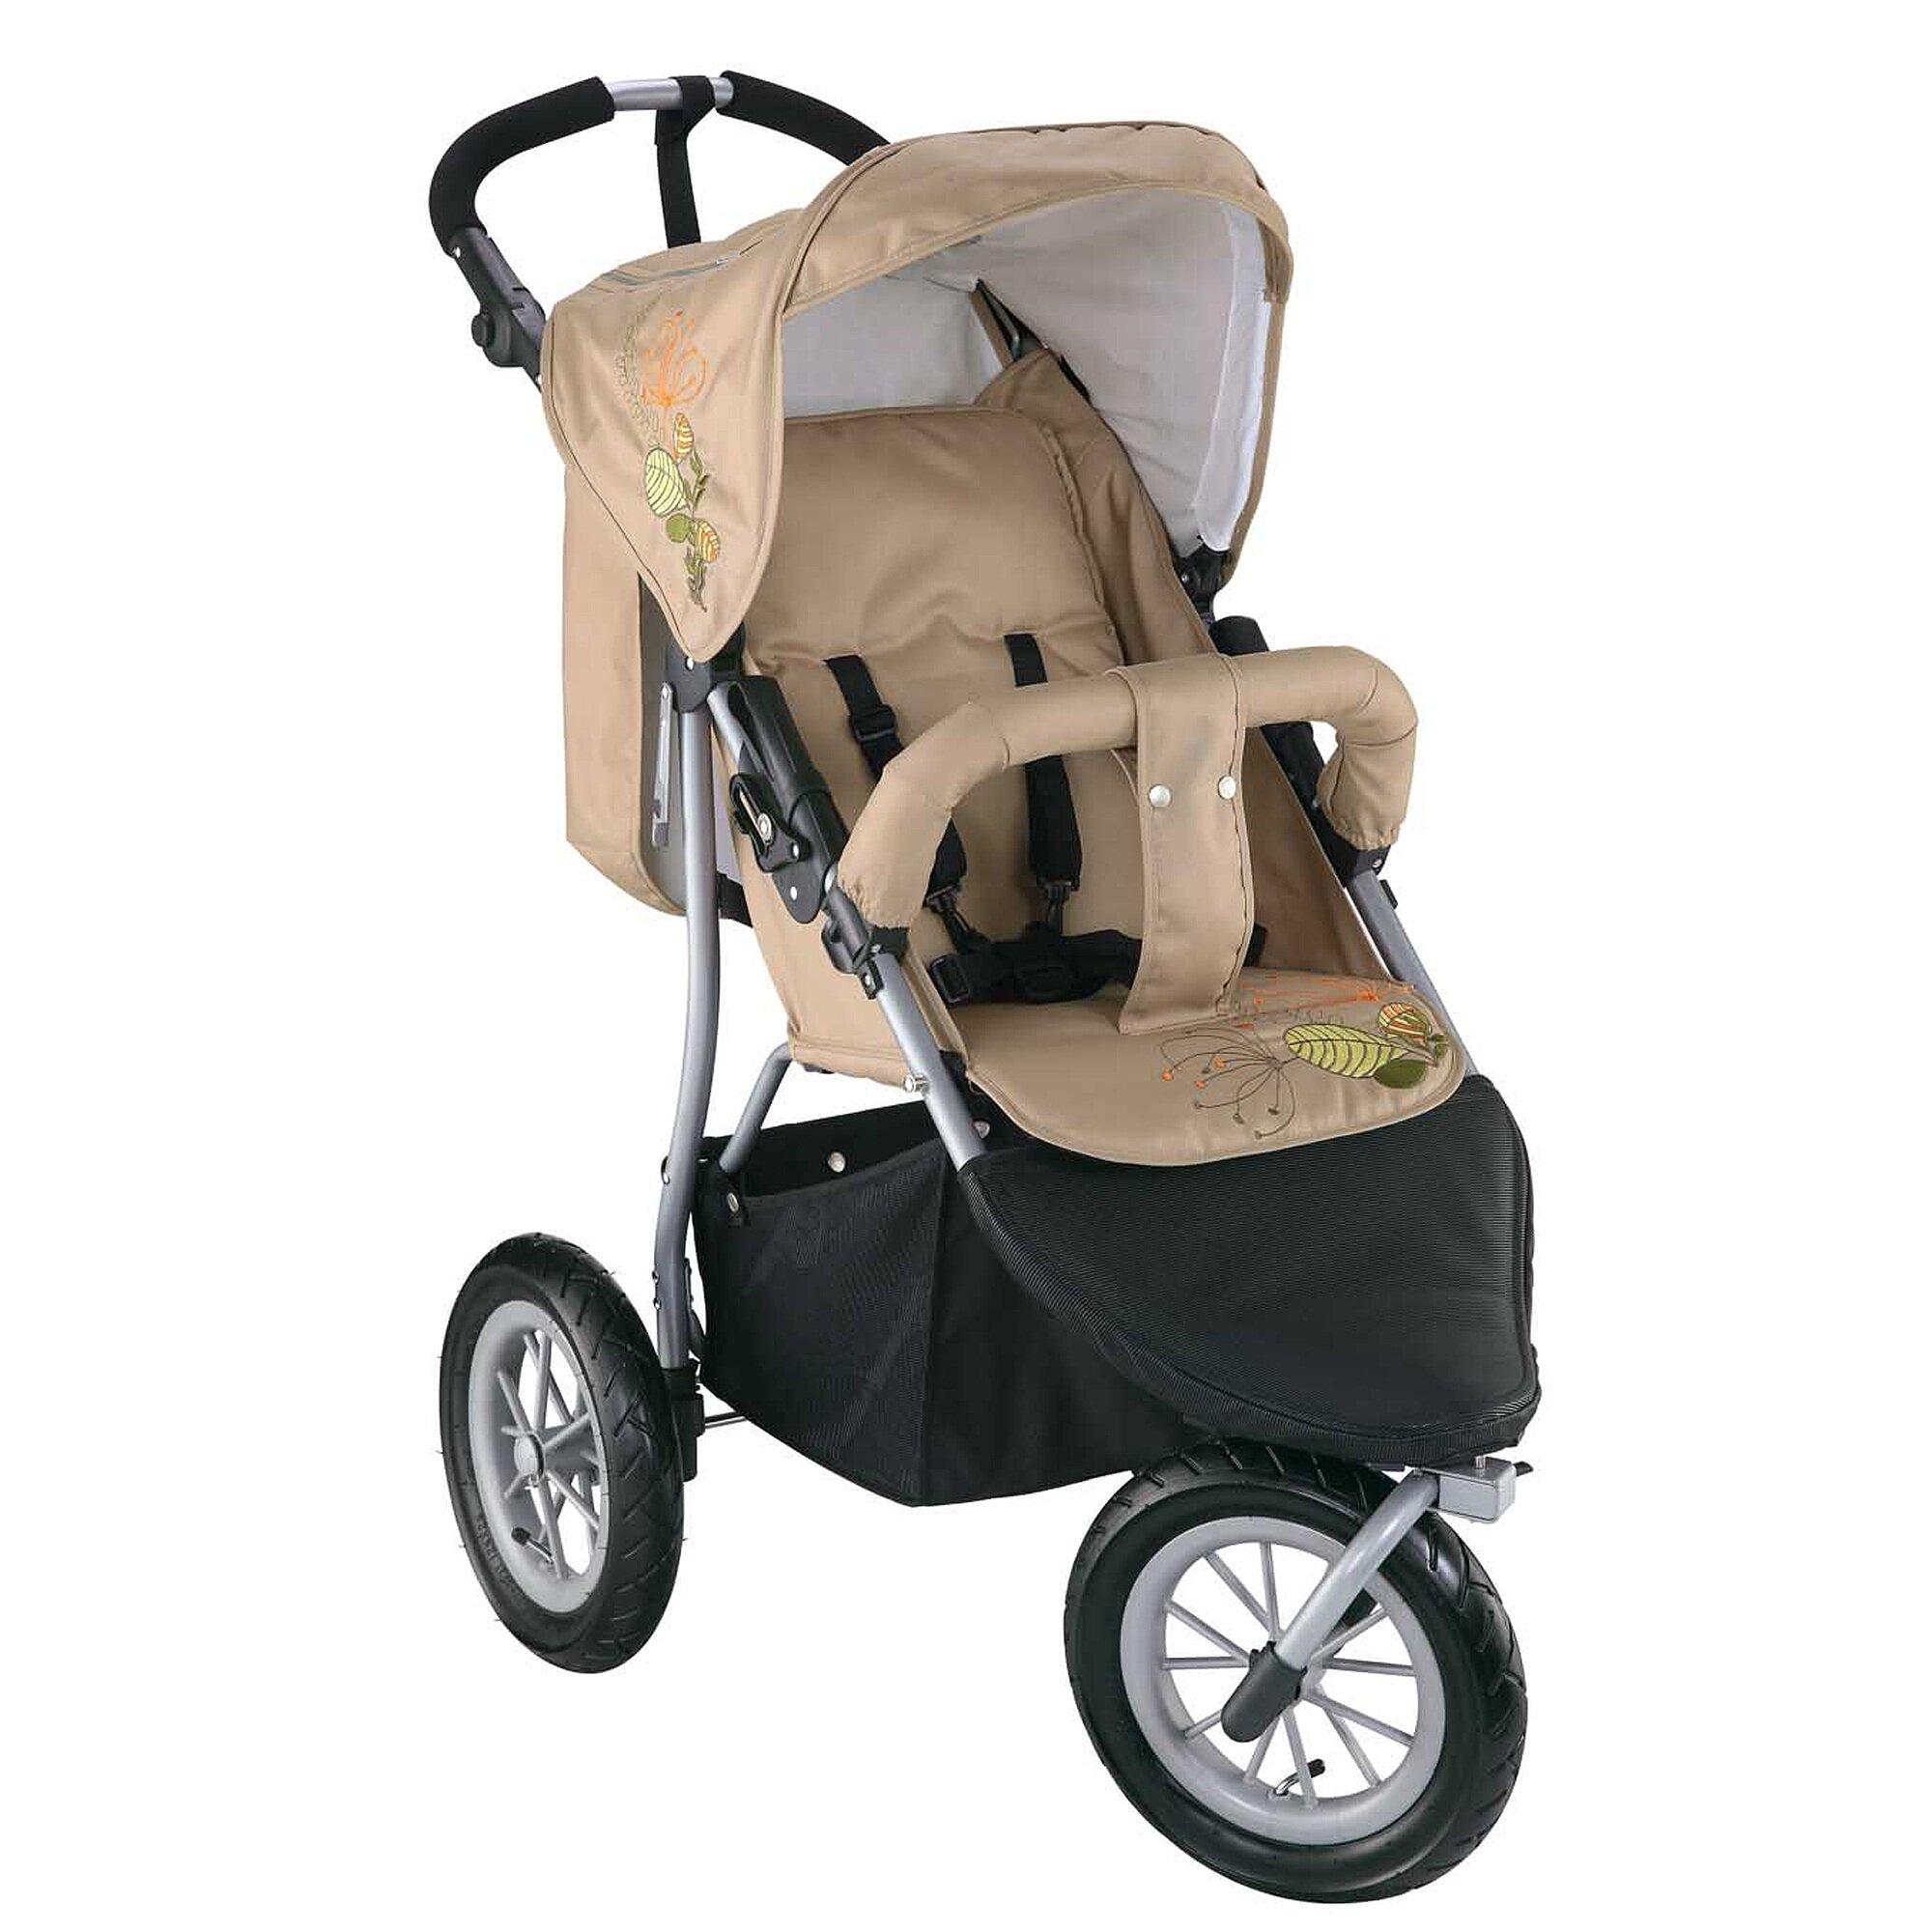 Knorr-Baby Joggy S Kinderwagen Sportwagen beige